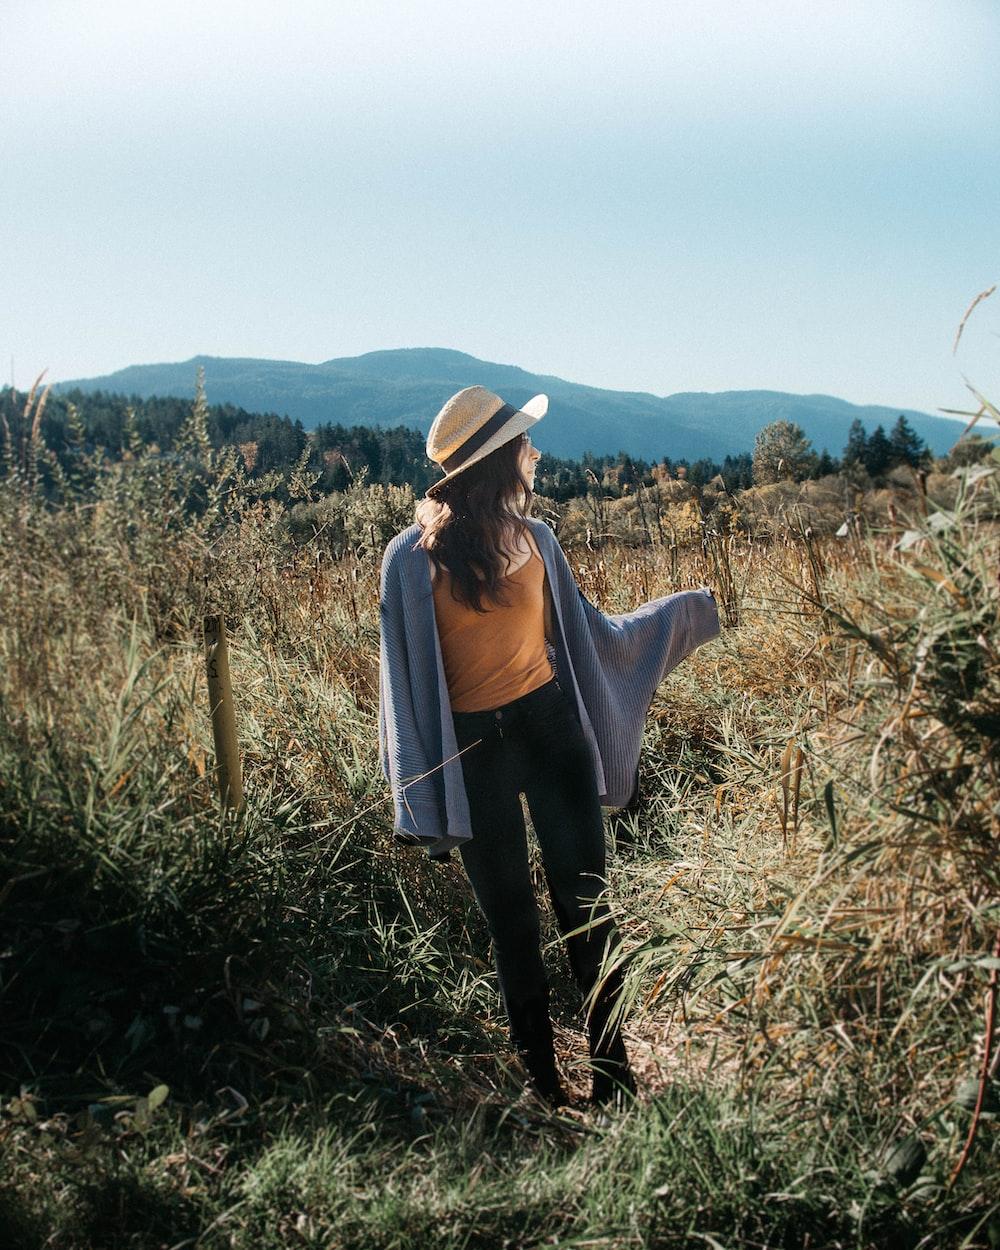 woman walking in grass fields